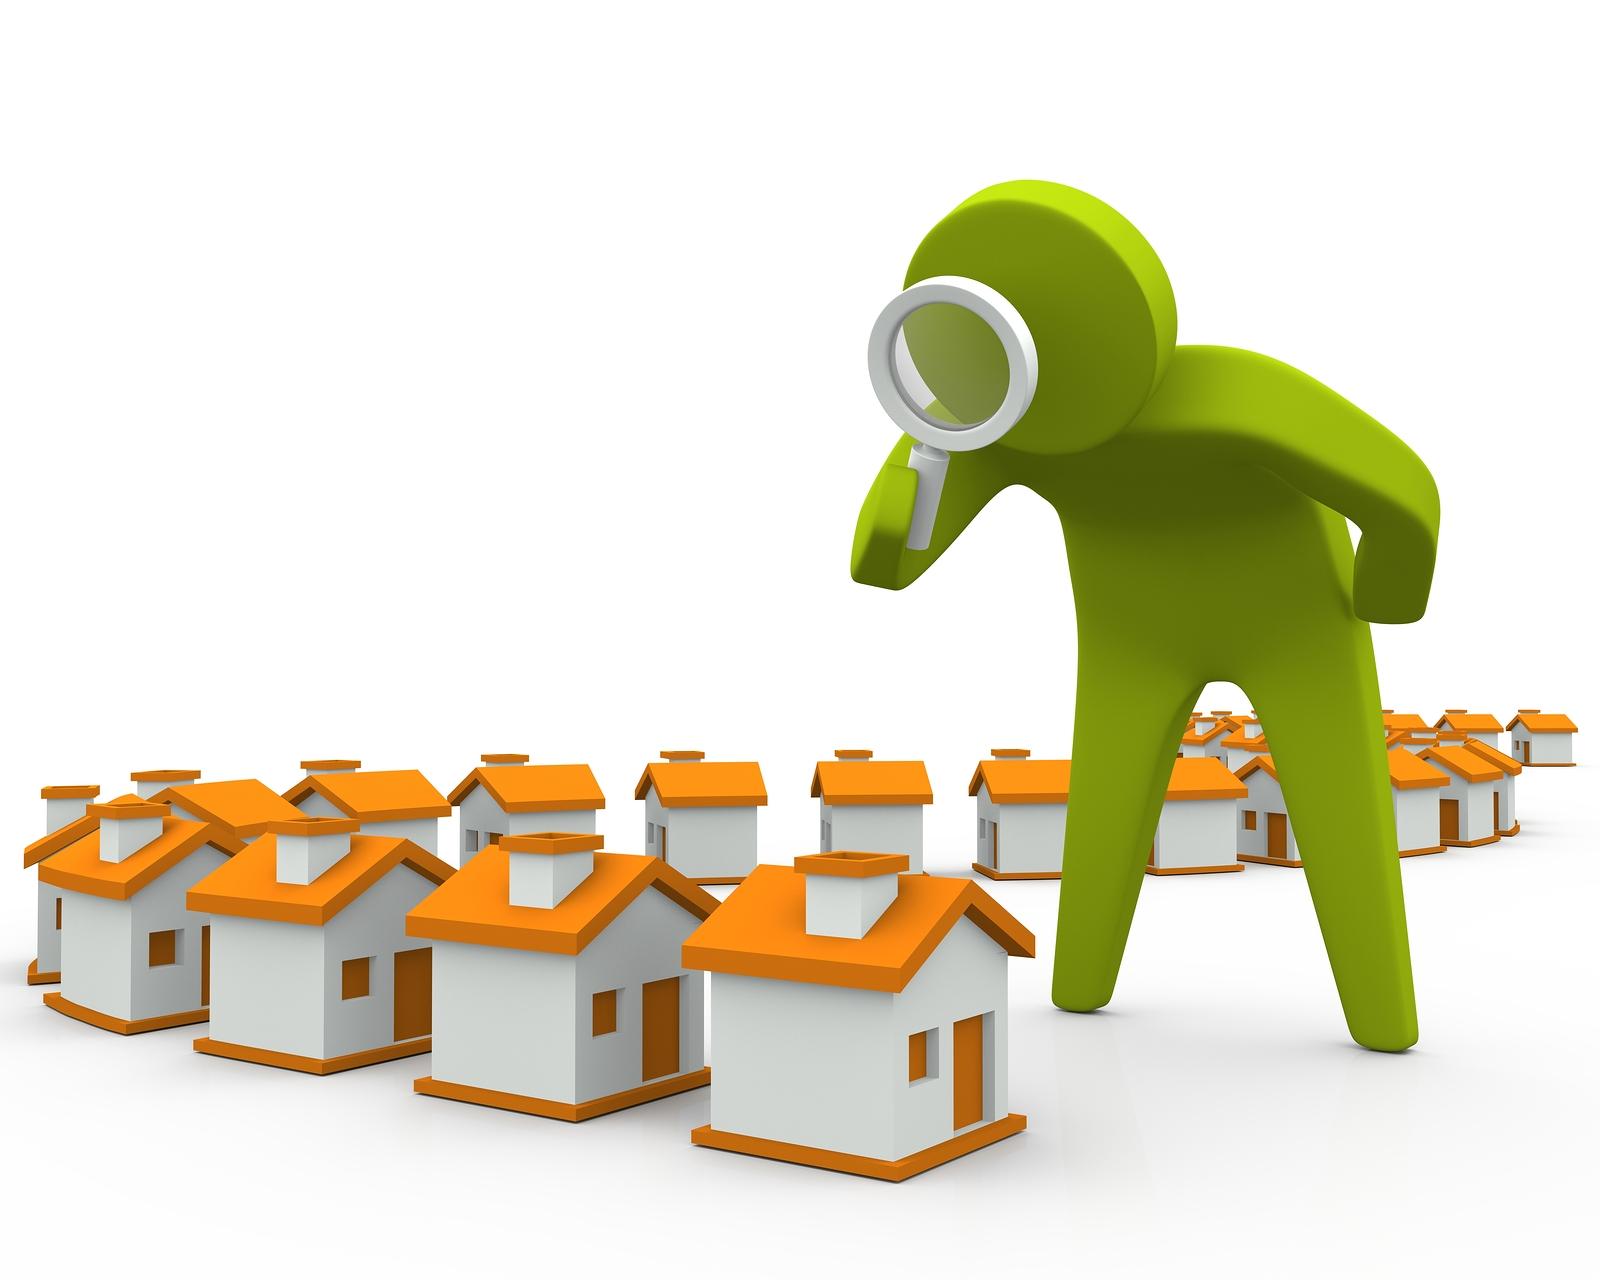 mengidentifikasi-tantangan-global-mengenai-kepemilikan-properti